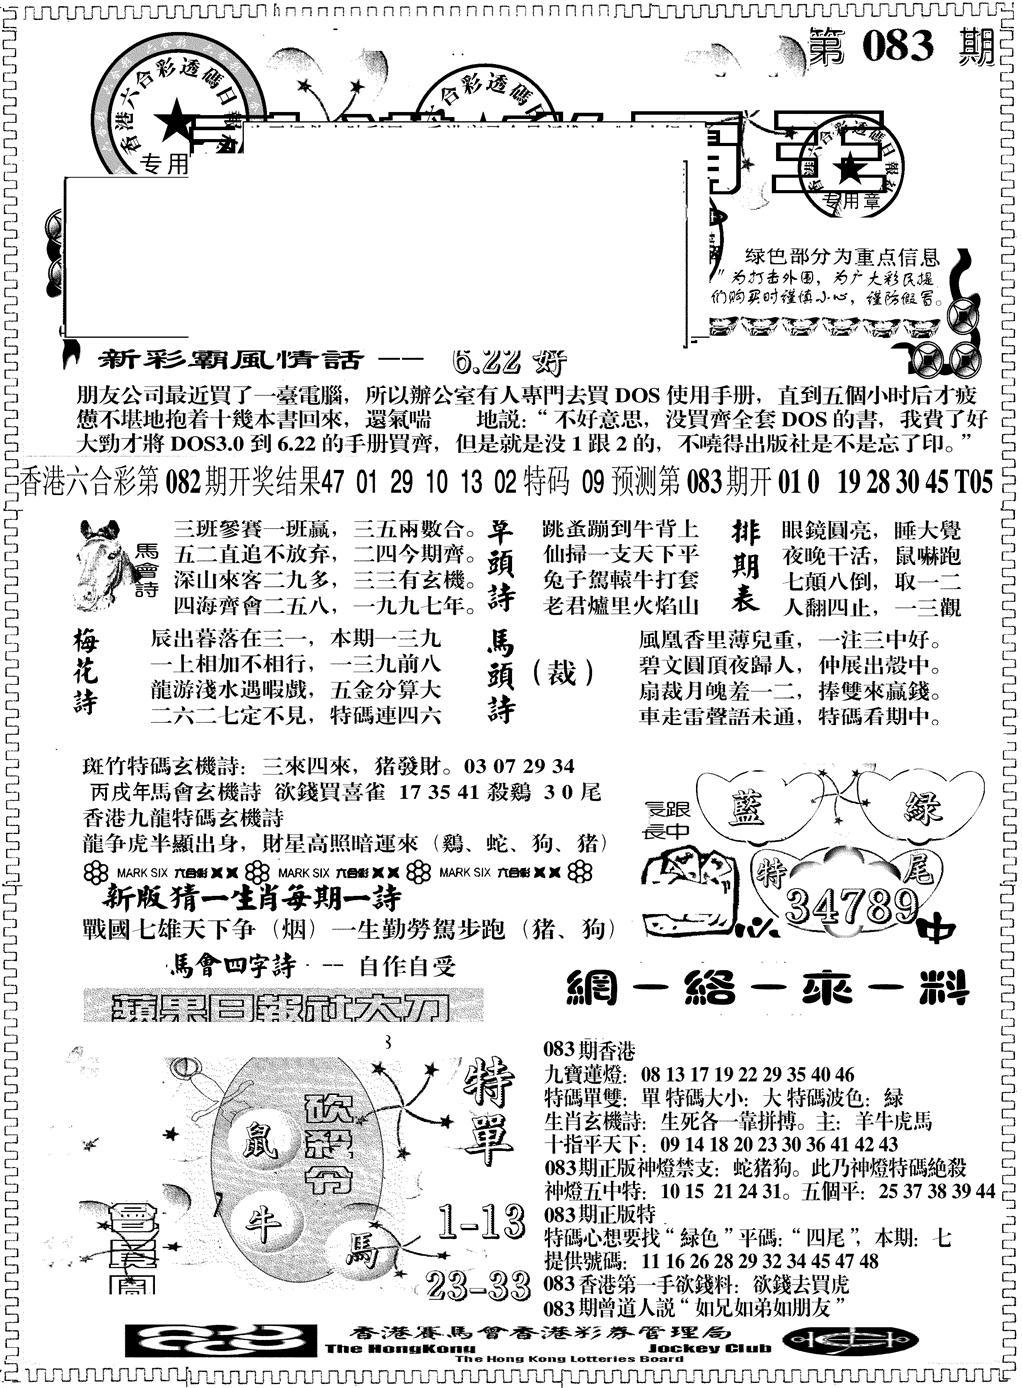 083期彩霸王综合A(黑白)